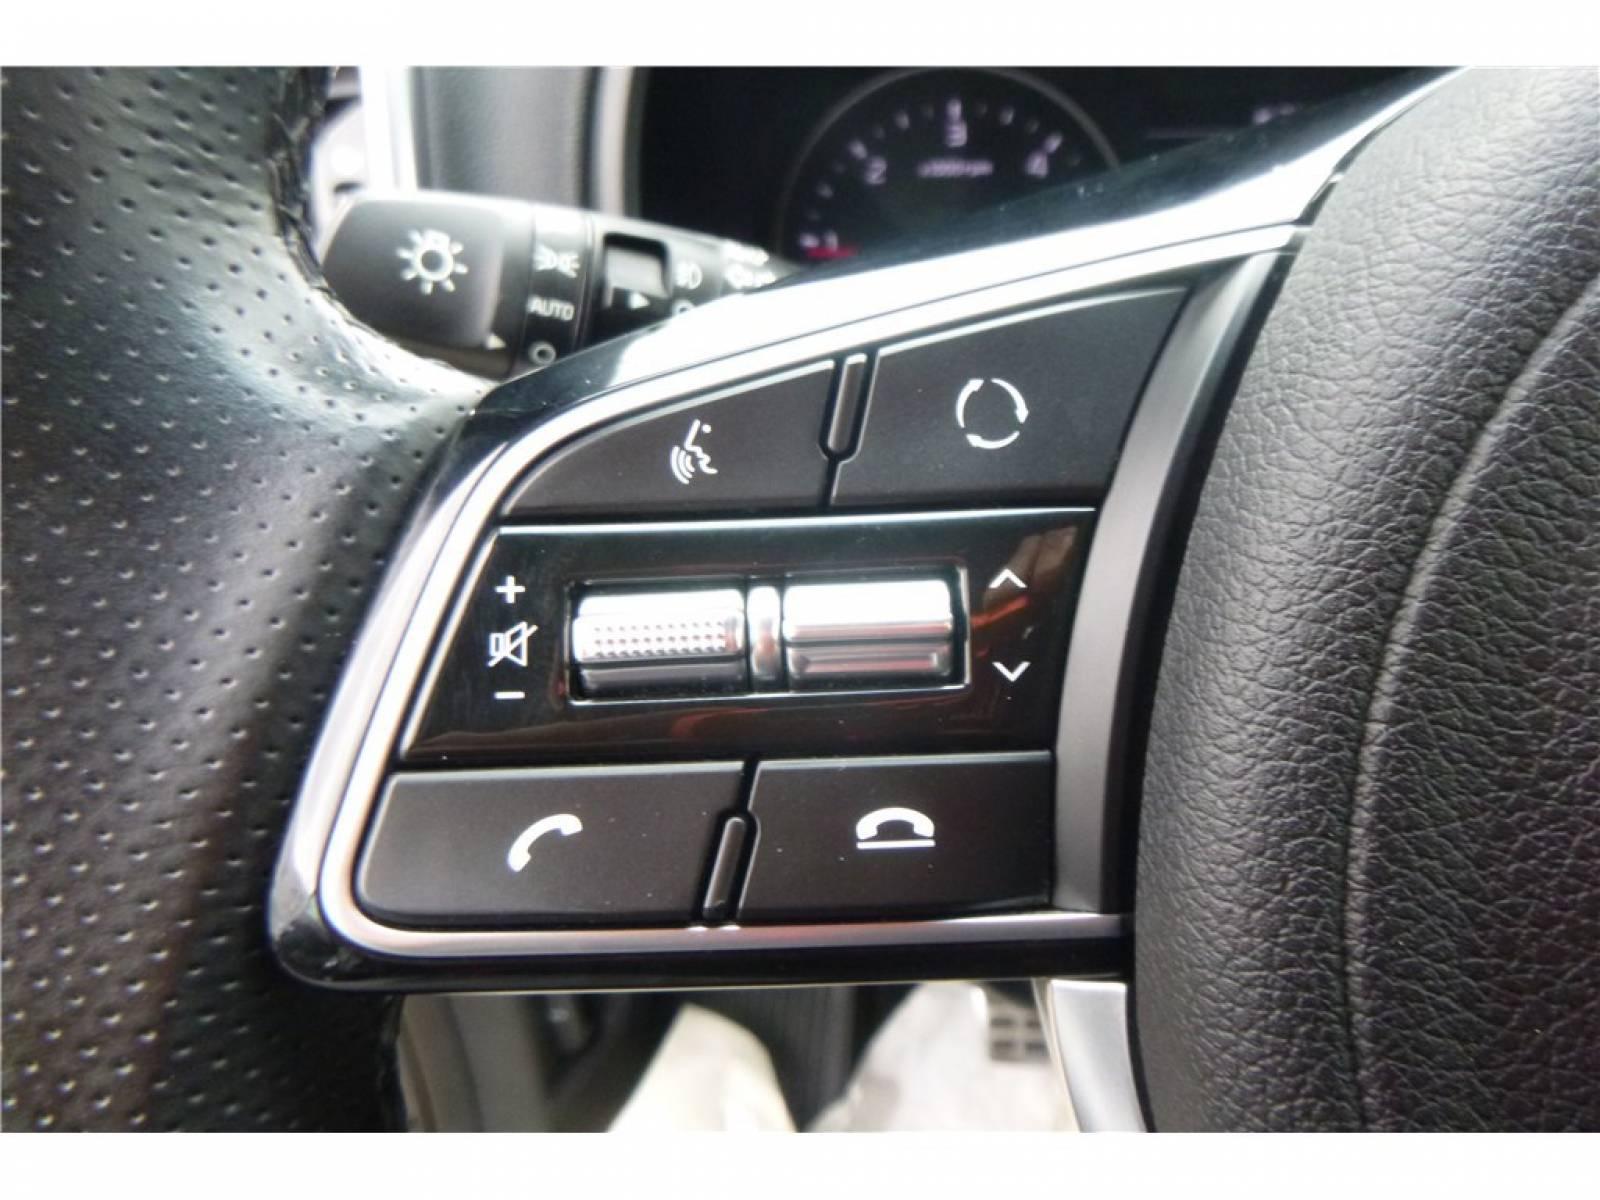 KIA Sportage 1.6 CRDi 136 ISG 4x2 BVM6 - véhicule d'occasion - Groupe Guillet - Chalon Automobiles - 71100 - Chalon-sur-Saône - 11